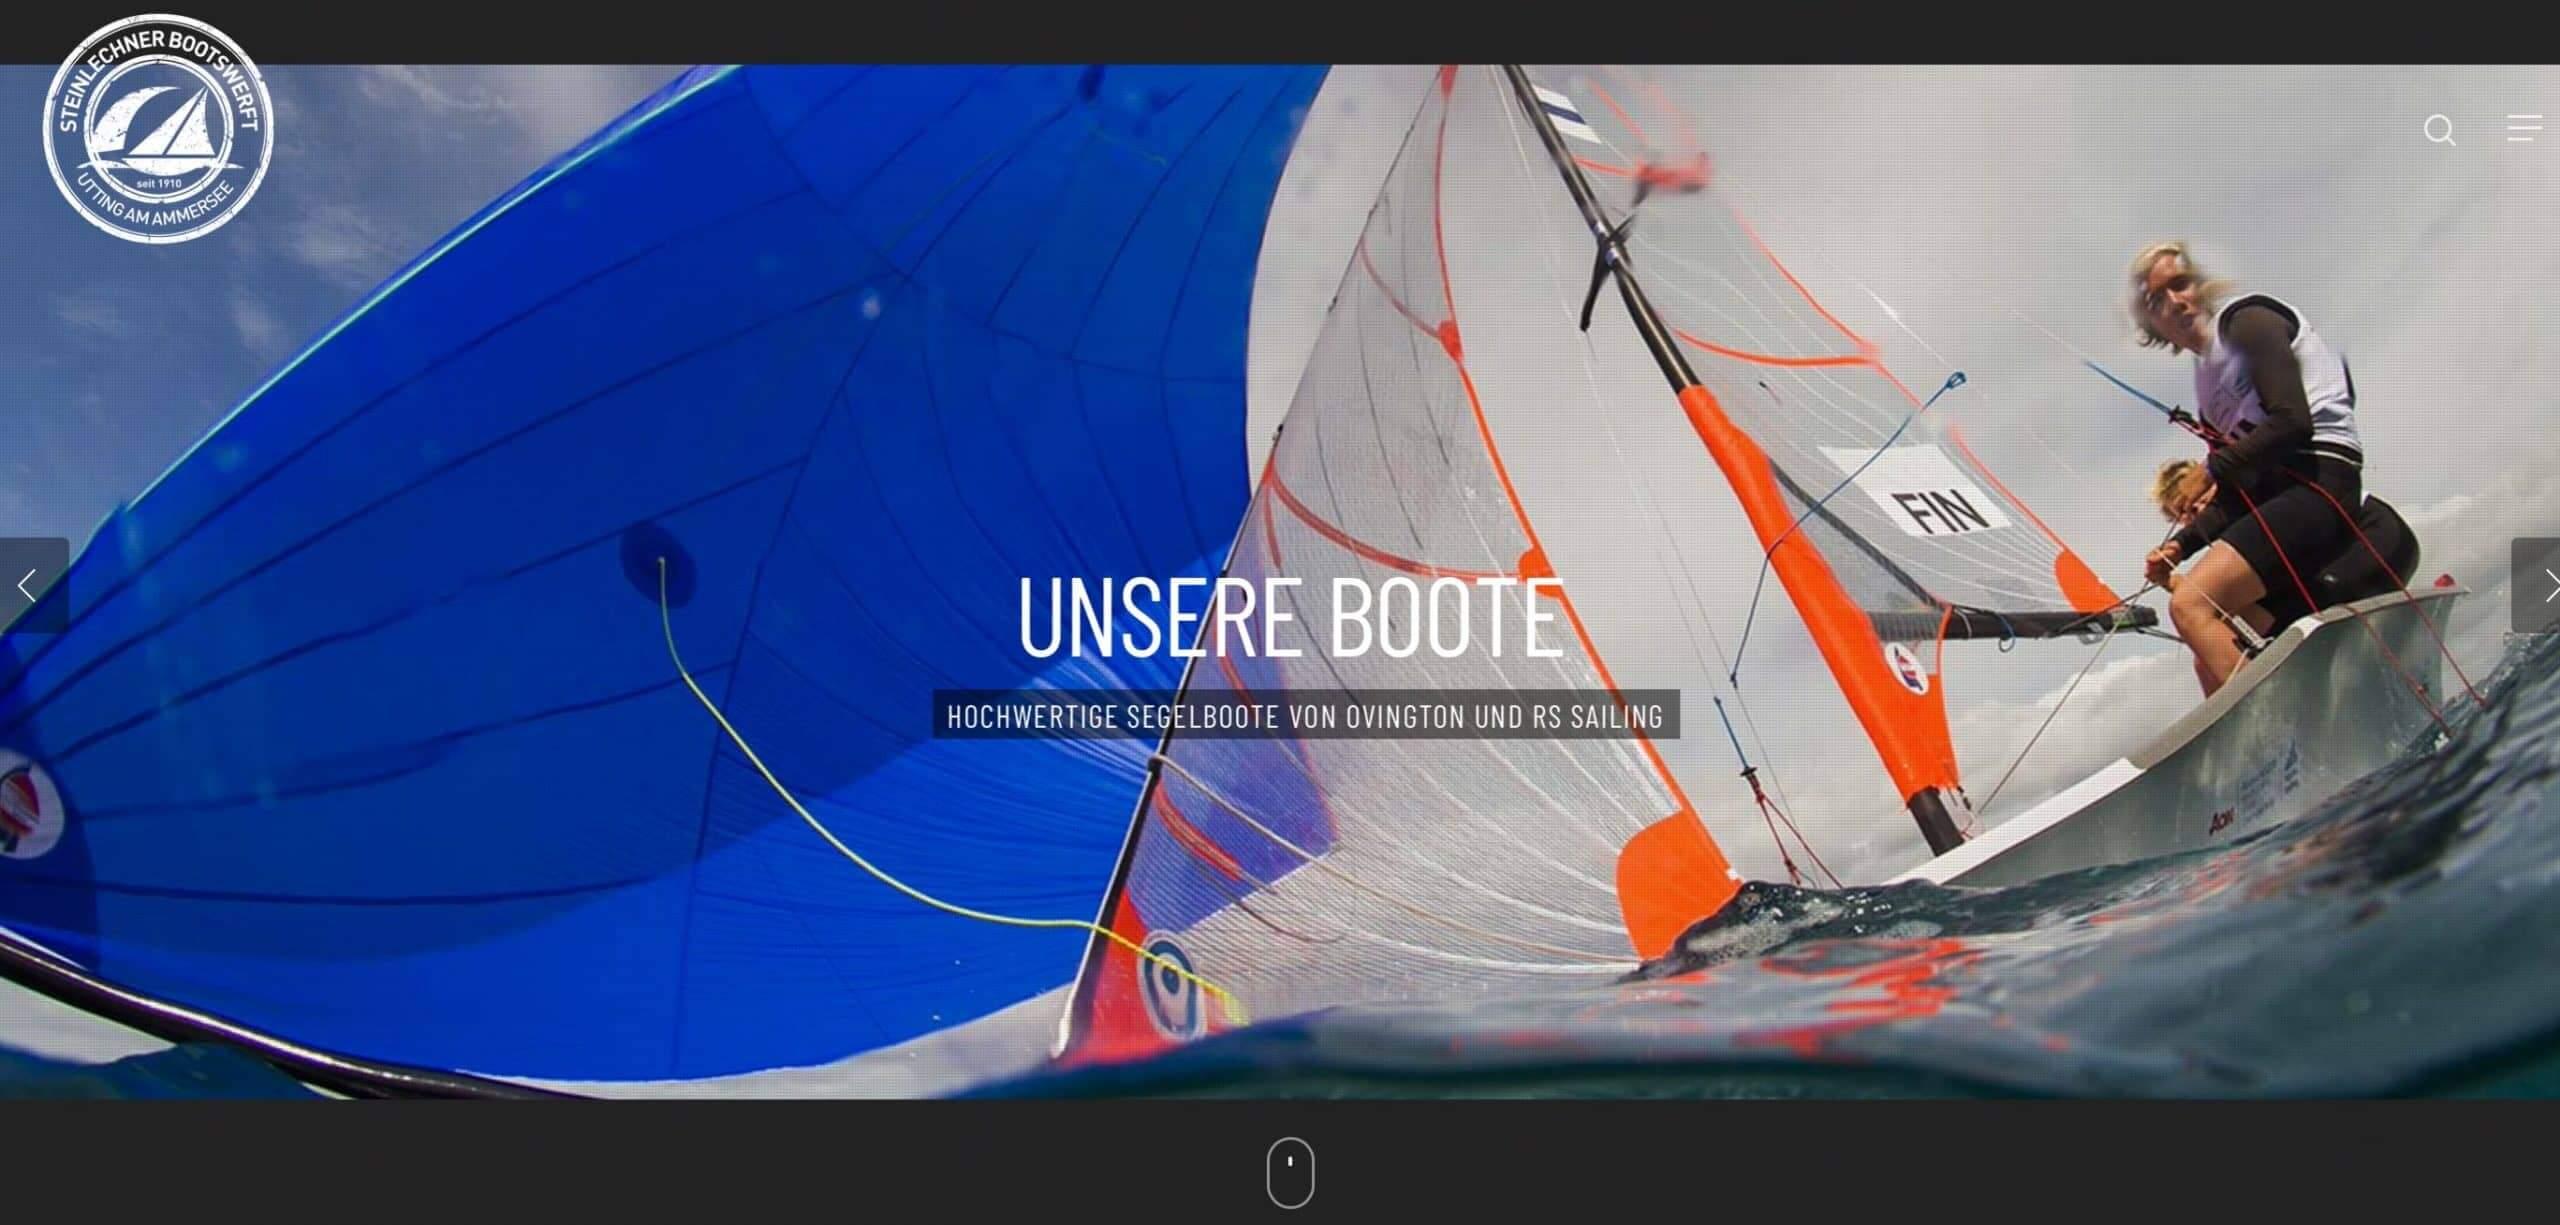 Steinlechner Bootswerft I alpinonline